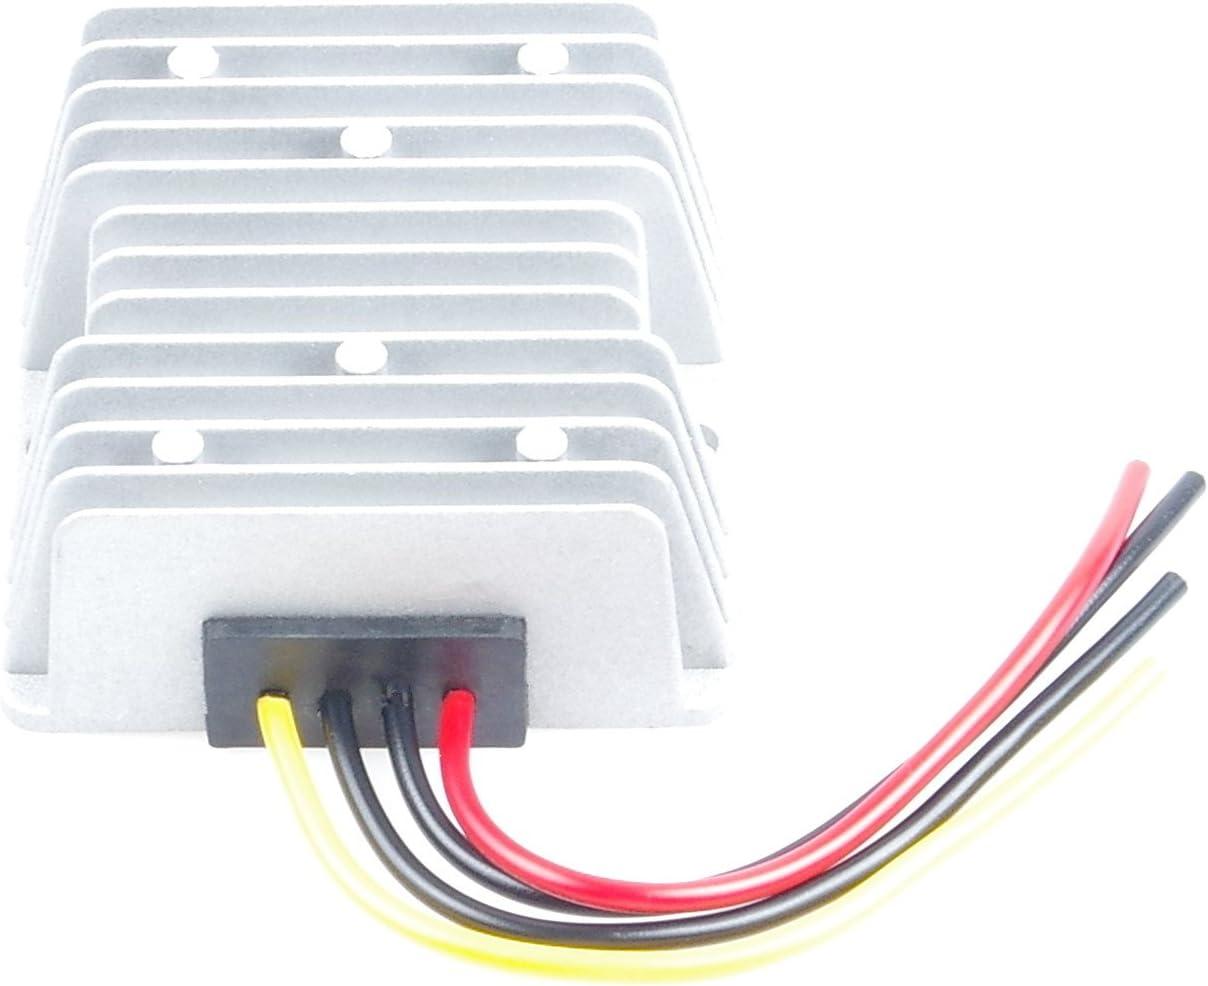 KNACRO 24V 36V 48V 60V (20-72V) To 12V DC-DC Waterproof Boost Converter Automatic Step Down Voltage Regulator Module Car Power Supply Voltage Transformer With 4 Wires (IN DC 60V (20-75V), OUT 12V 15A)